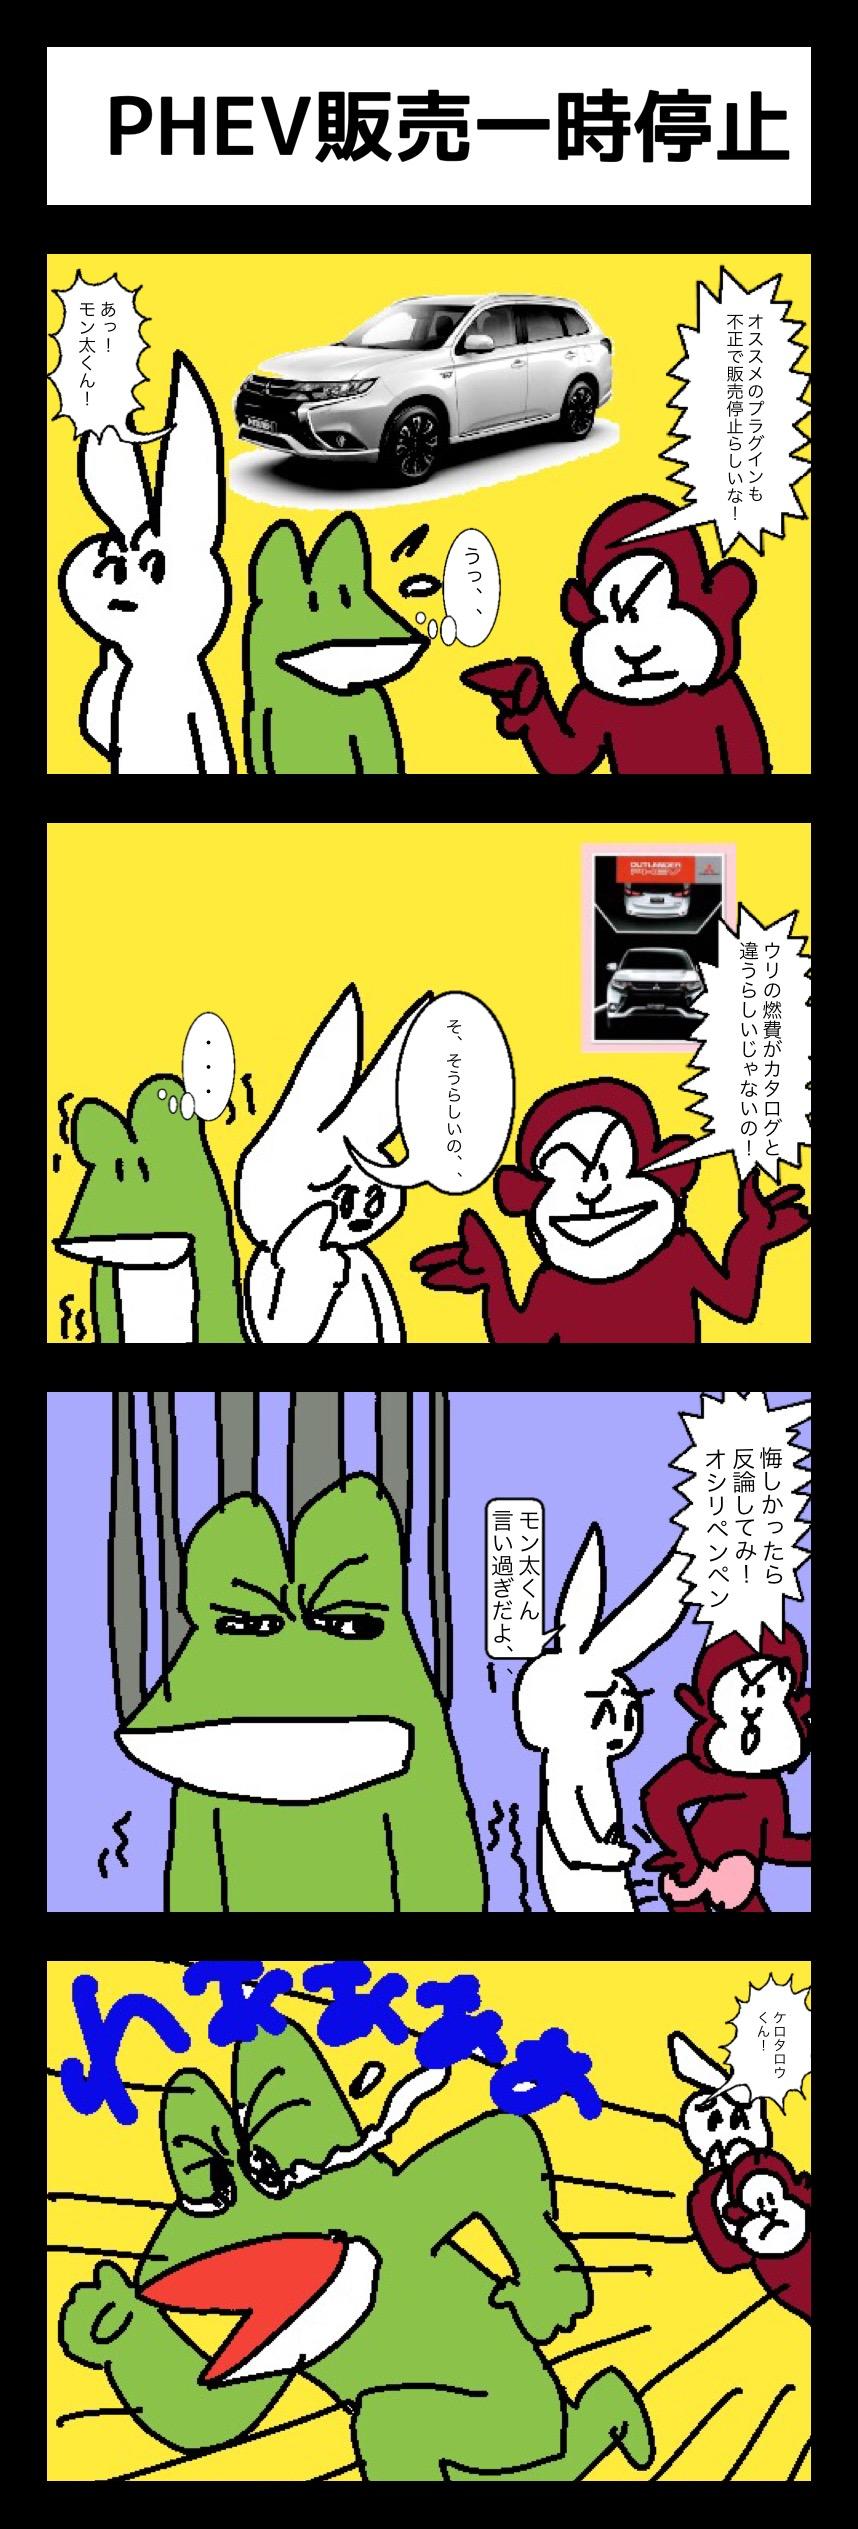 PHEV鳥獣戯画 その29「PHEVも一時販売停止」